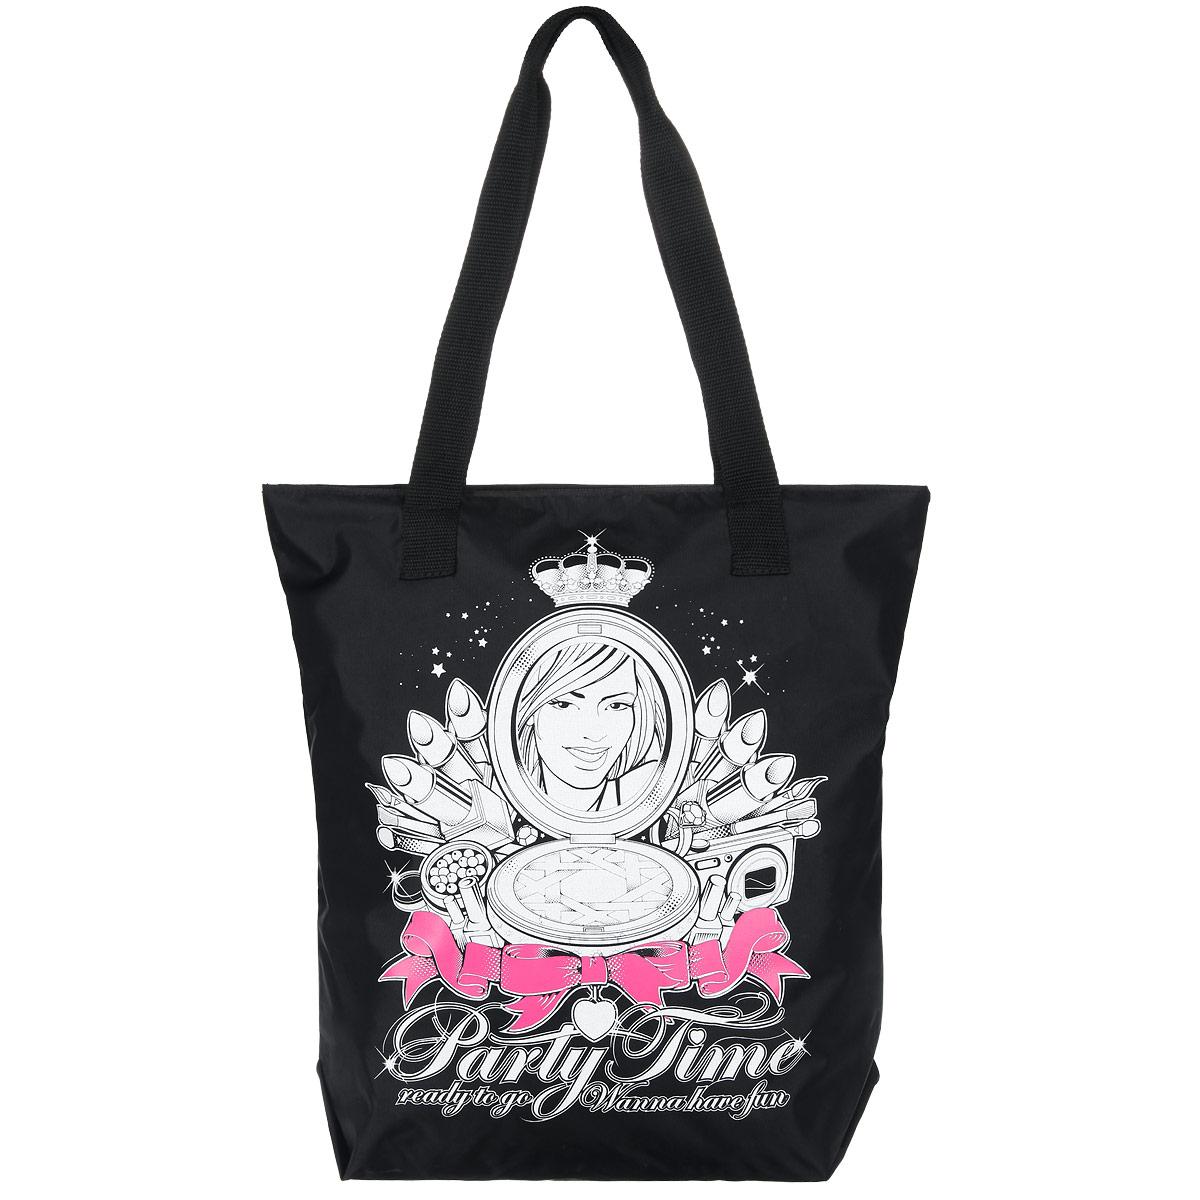 Сумка женская Antan Party time, цвет: черный, белый, розовый. 1-581-58 party time/черныйСтильная женская сумка Wild Fashion выполнена из плотного материала (полиэстера) и оформлена оригинальным принтом. Изделие имеет одно вместительное отделение, закрывающееся на застежку-молнию. Внутри расположен накладной карман на застежке-молнии. Сумка оснащена двумя удобными ручками, позволяющими носить ее на плече. Сумка - это стильный аксессуар, который подчеркнет вашу изысканность и индивидуальность и сделает ваш образ завершенным.